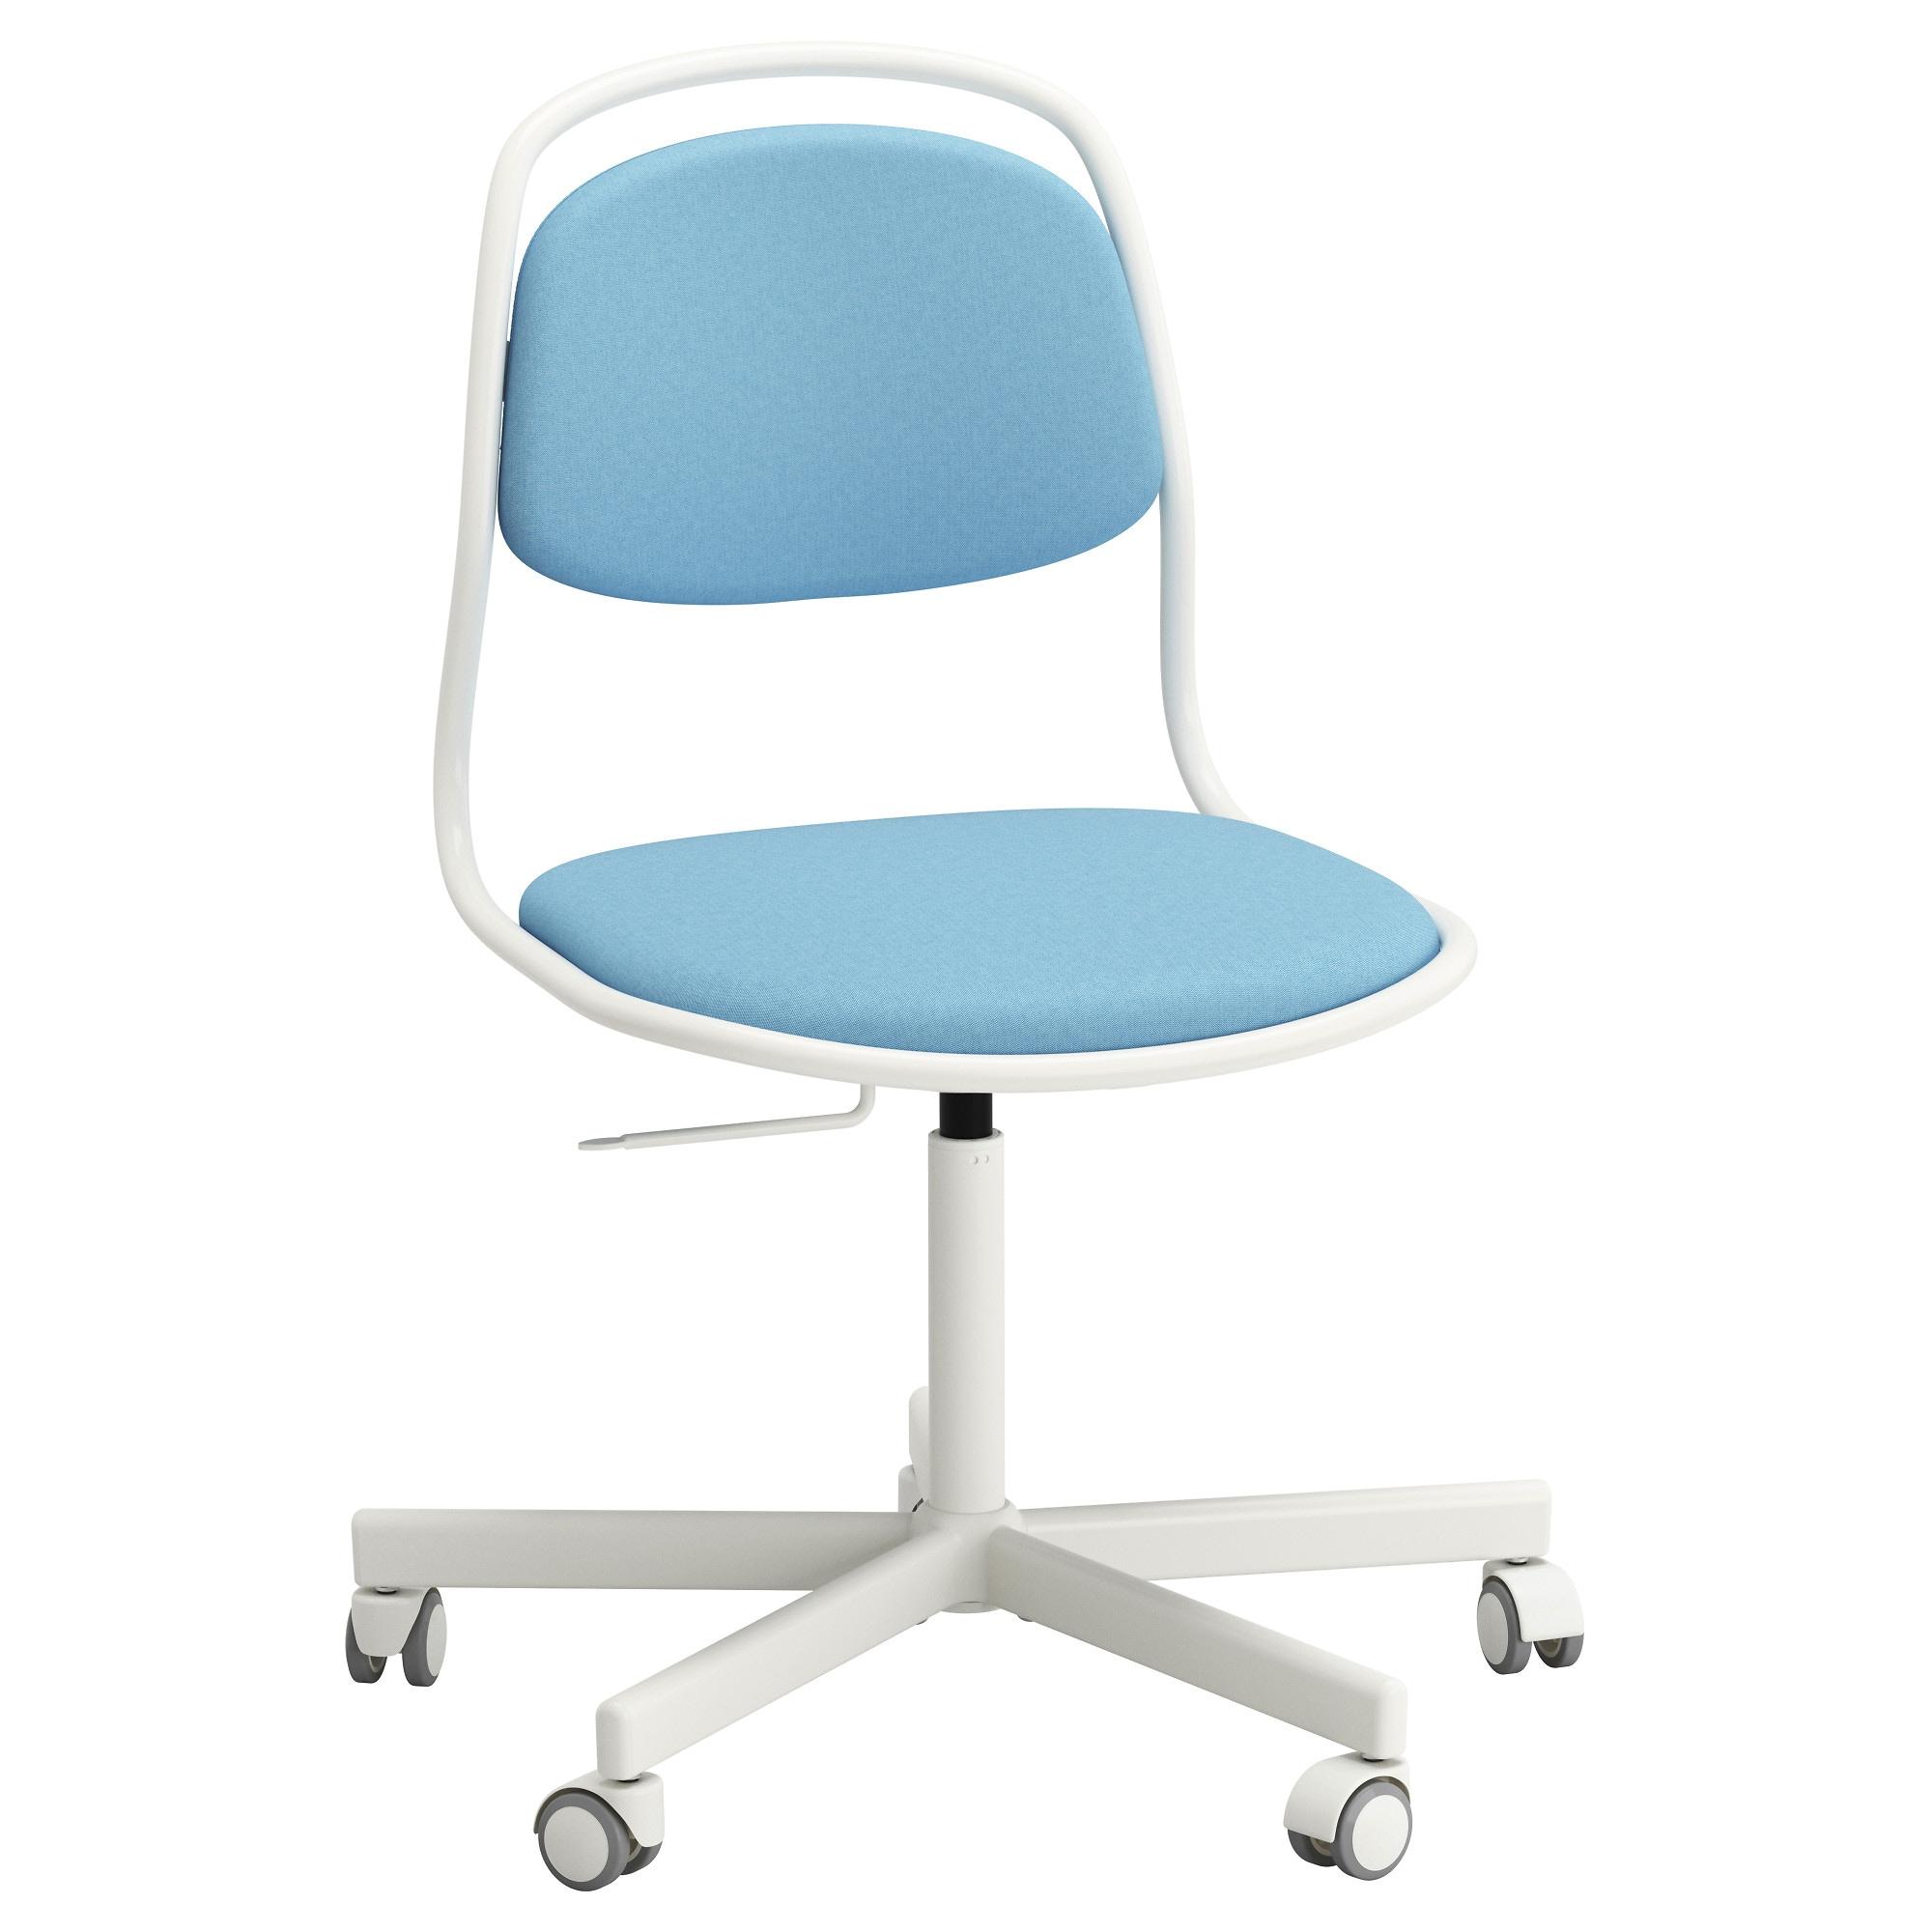 Silla De Escritorio Ikea Ipdd à Rfjà Ll Sporren Silla Giratoria Blanco Vissle Azul Claro Ikea